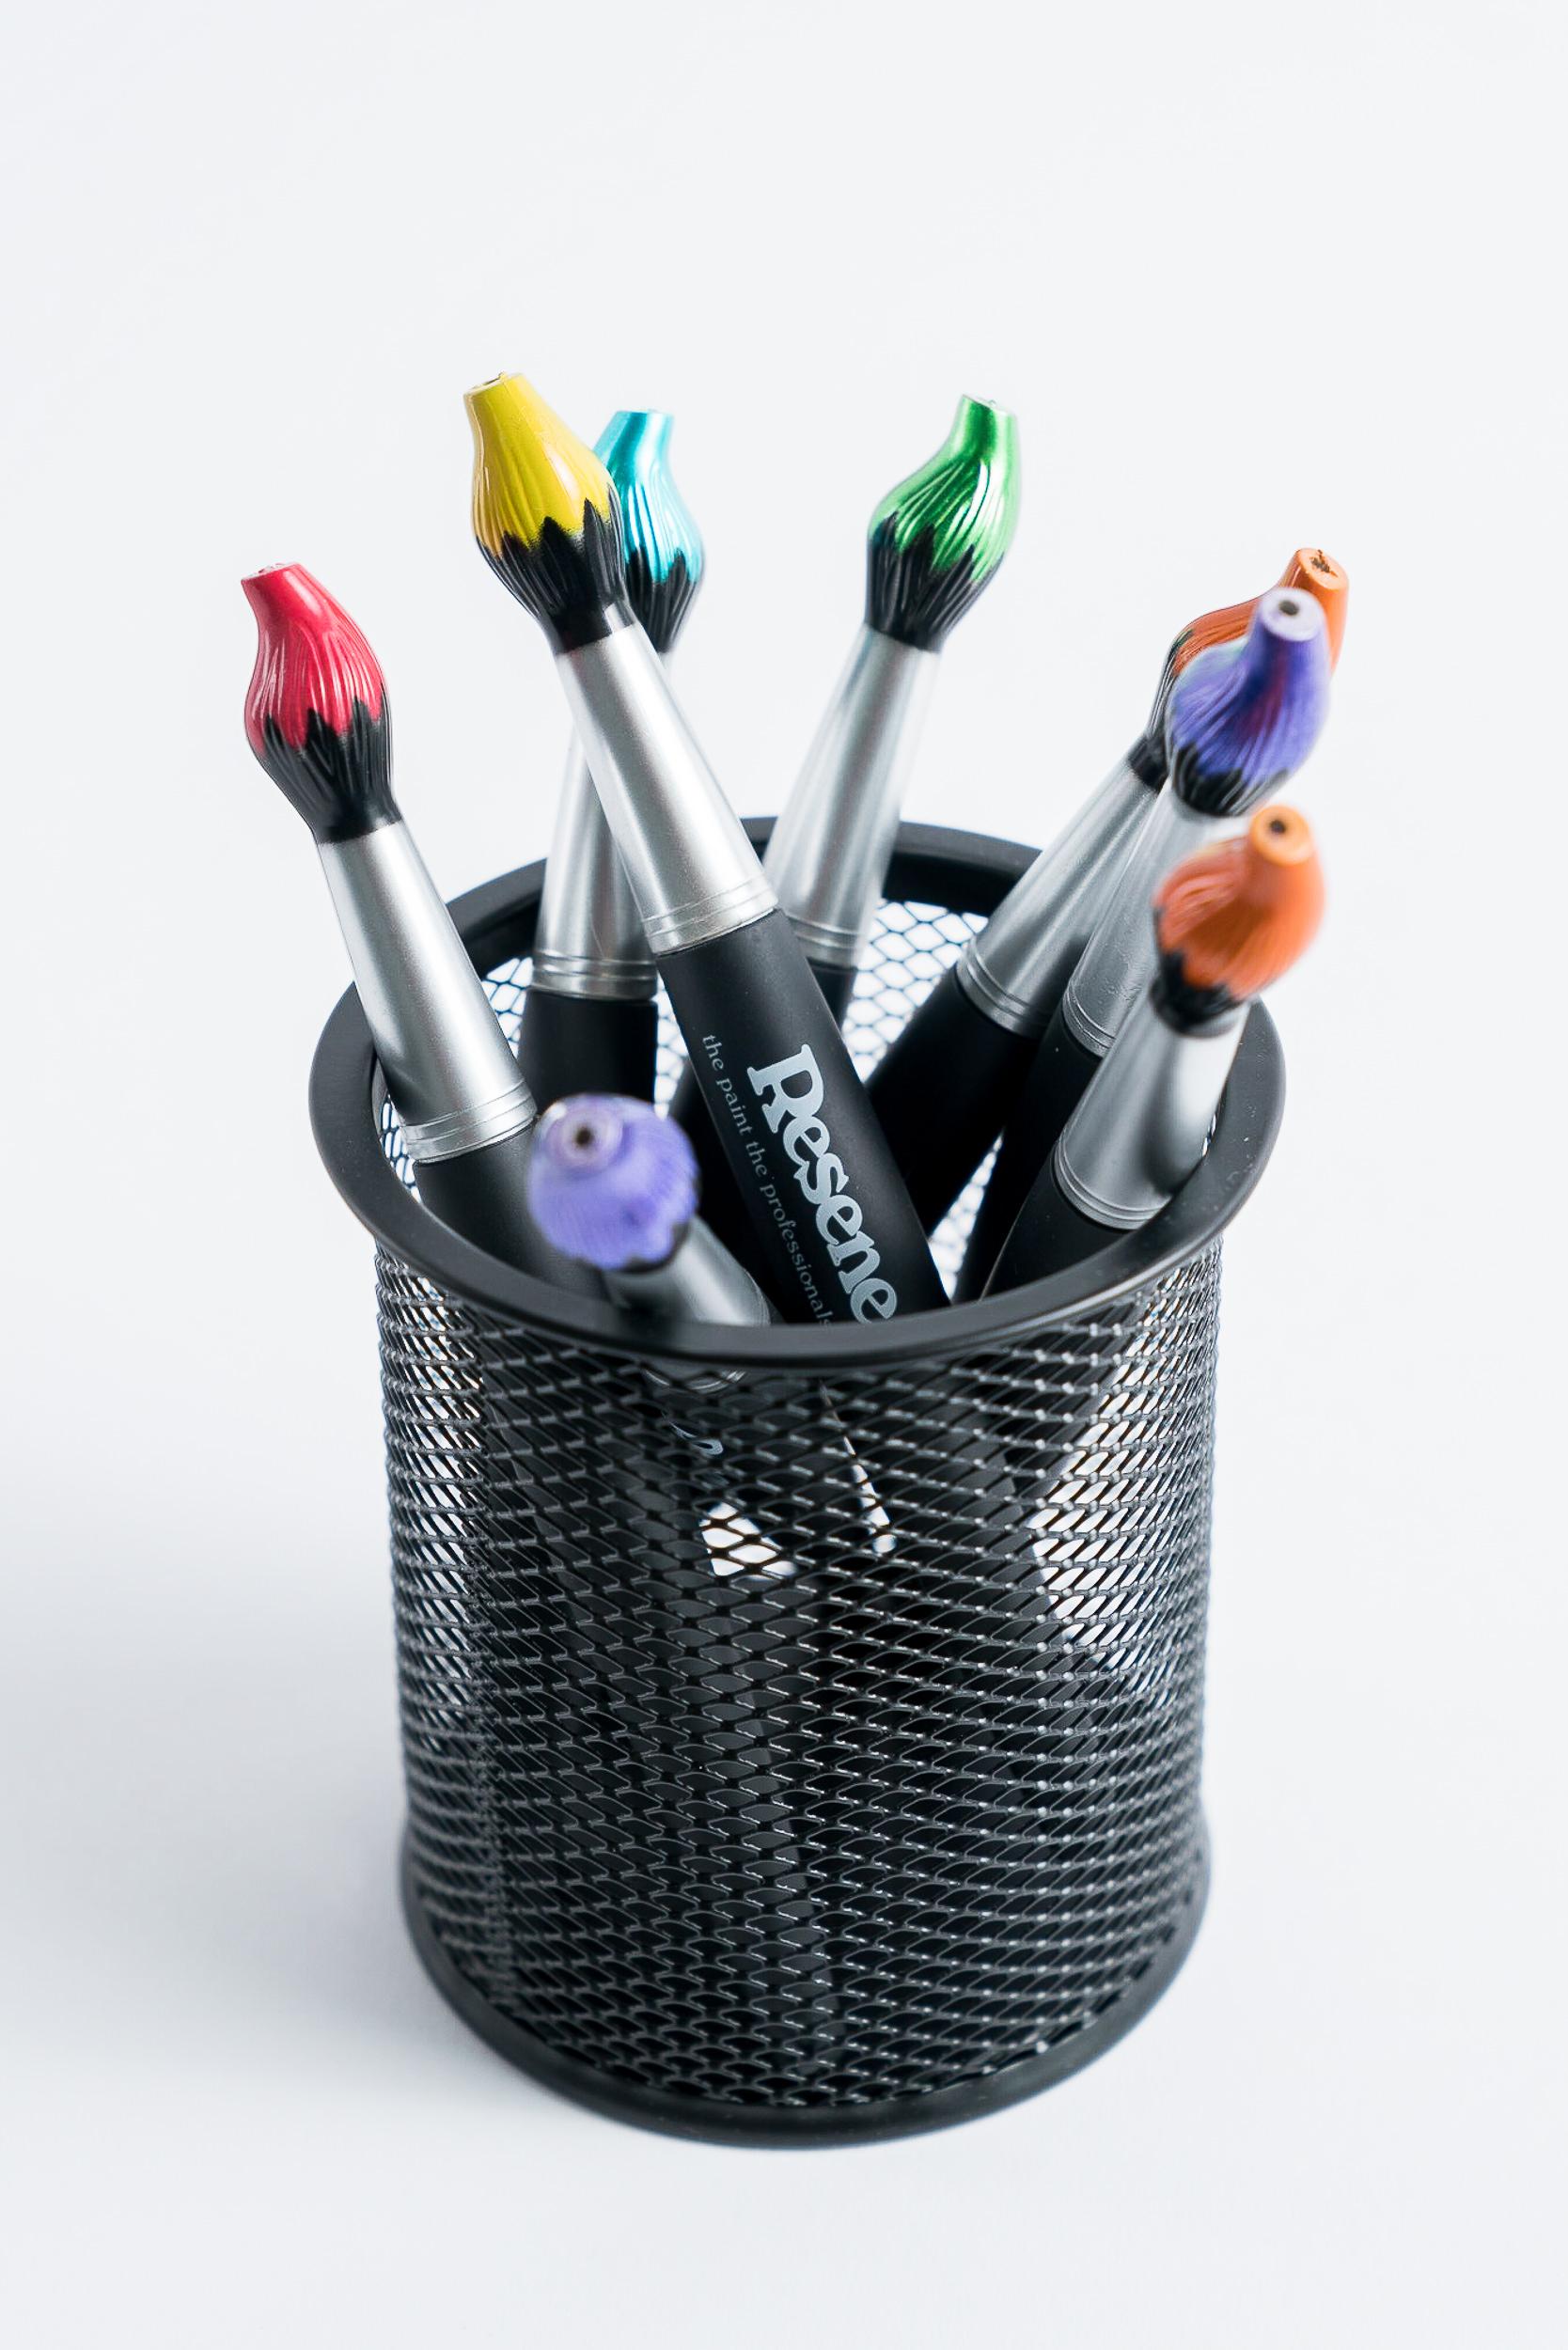 Paintbrush pens   Resene paints